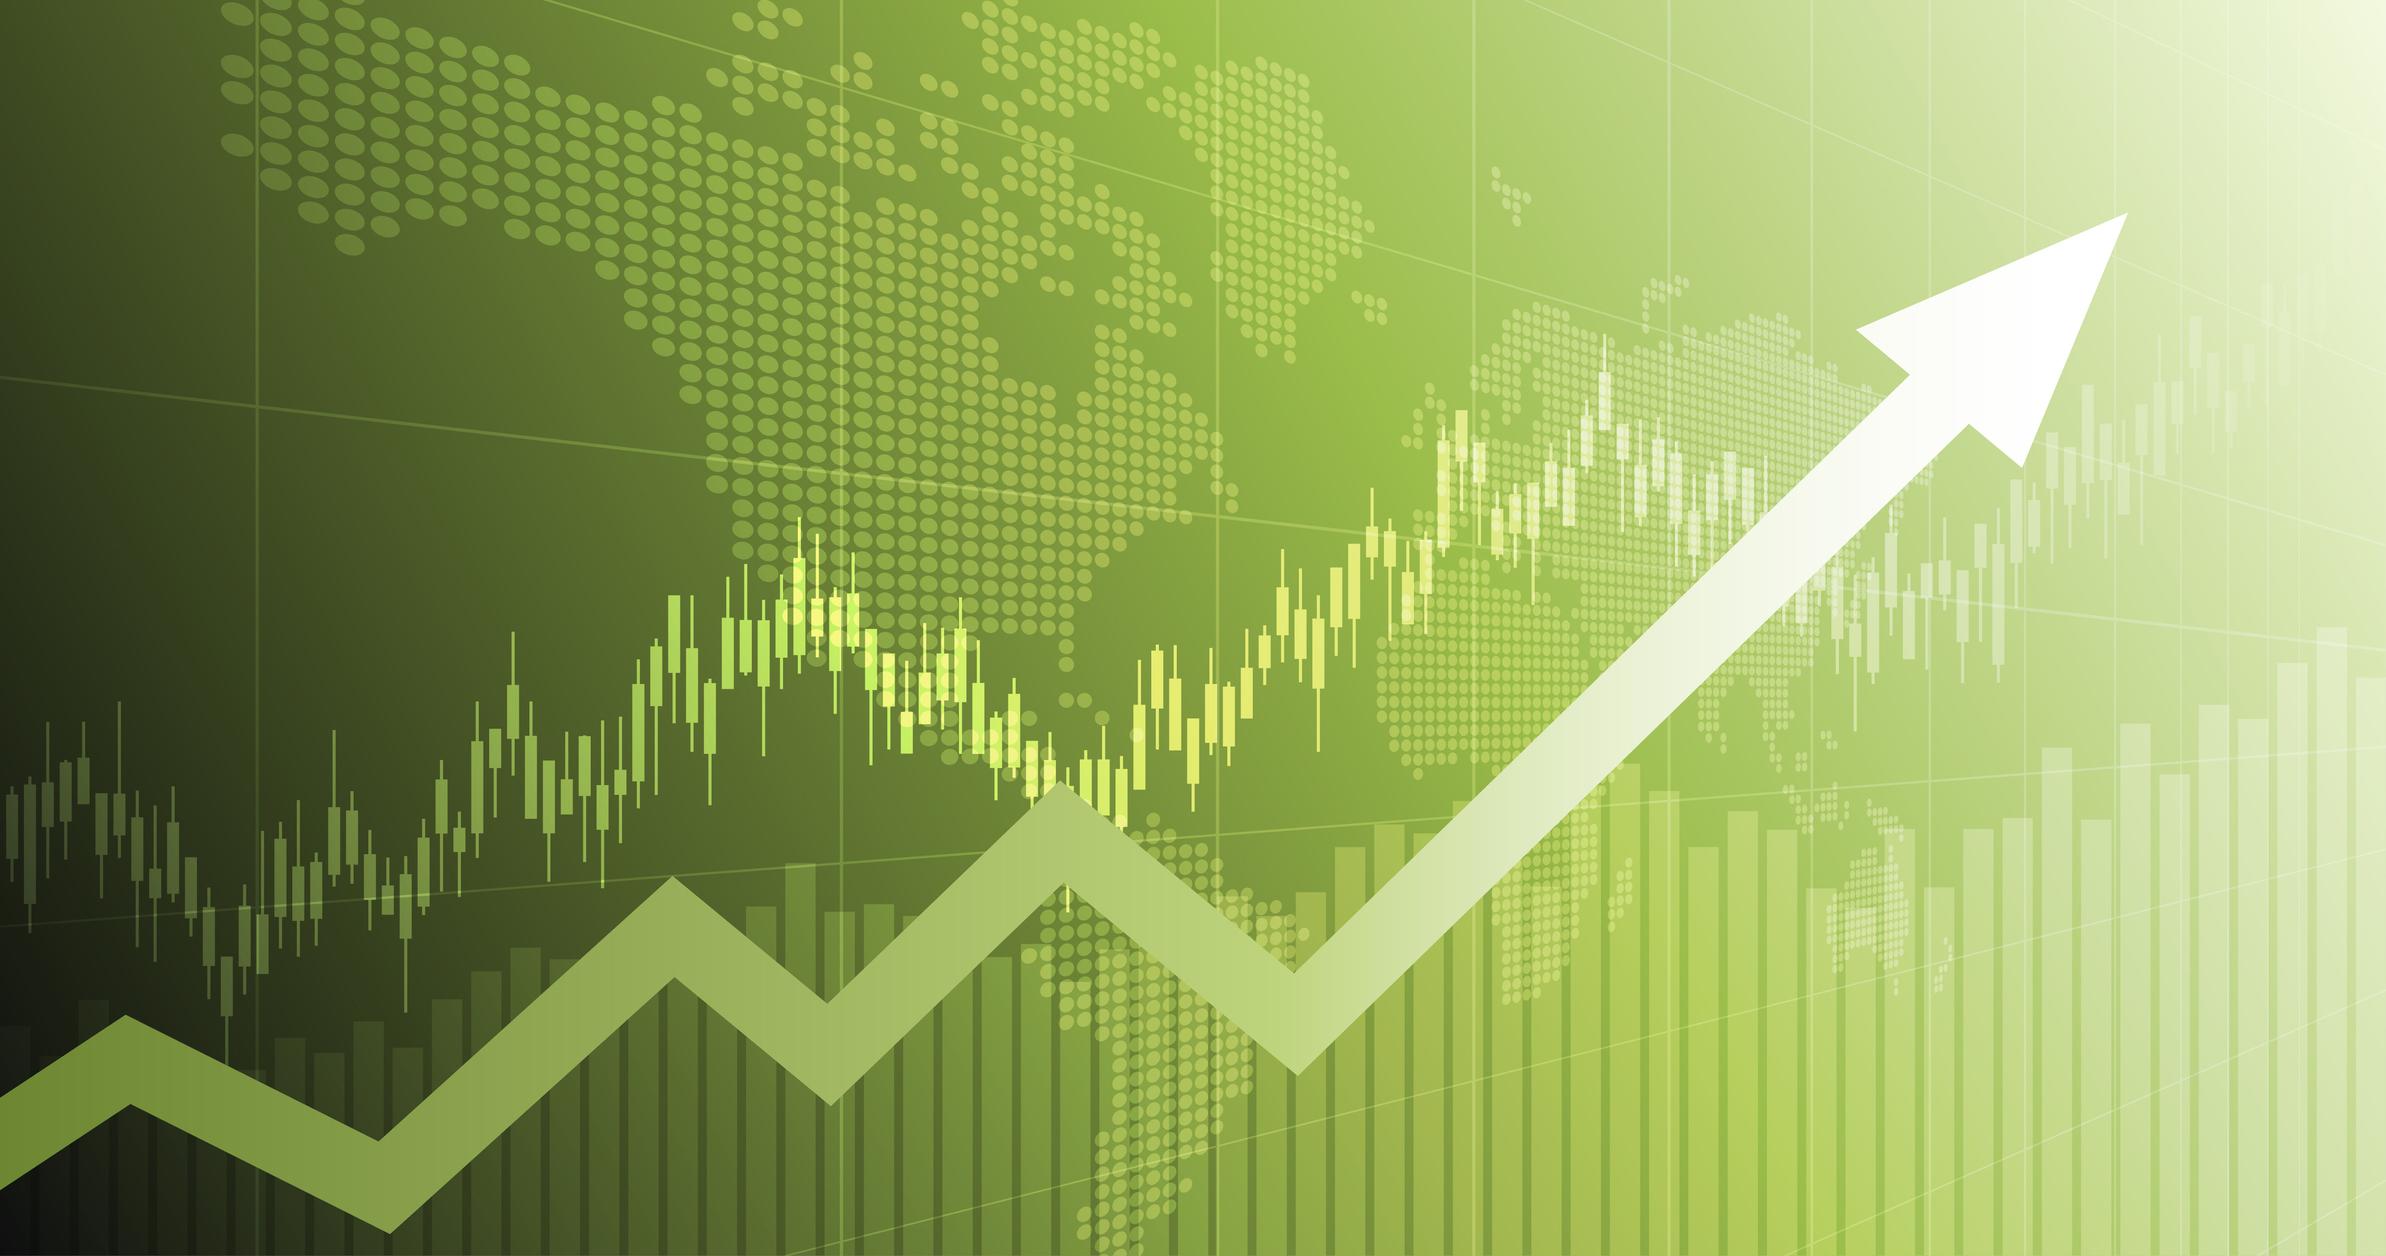 Roku Stock: Headed to $215? | The Motley Fool